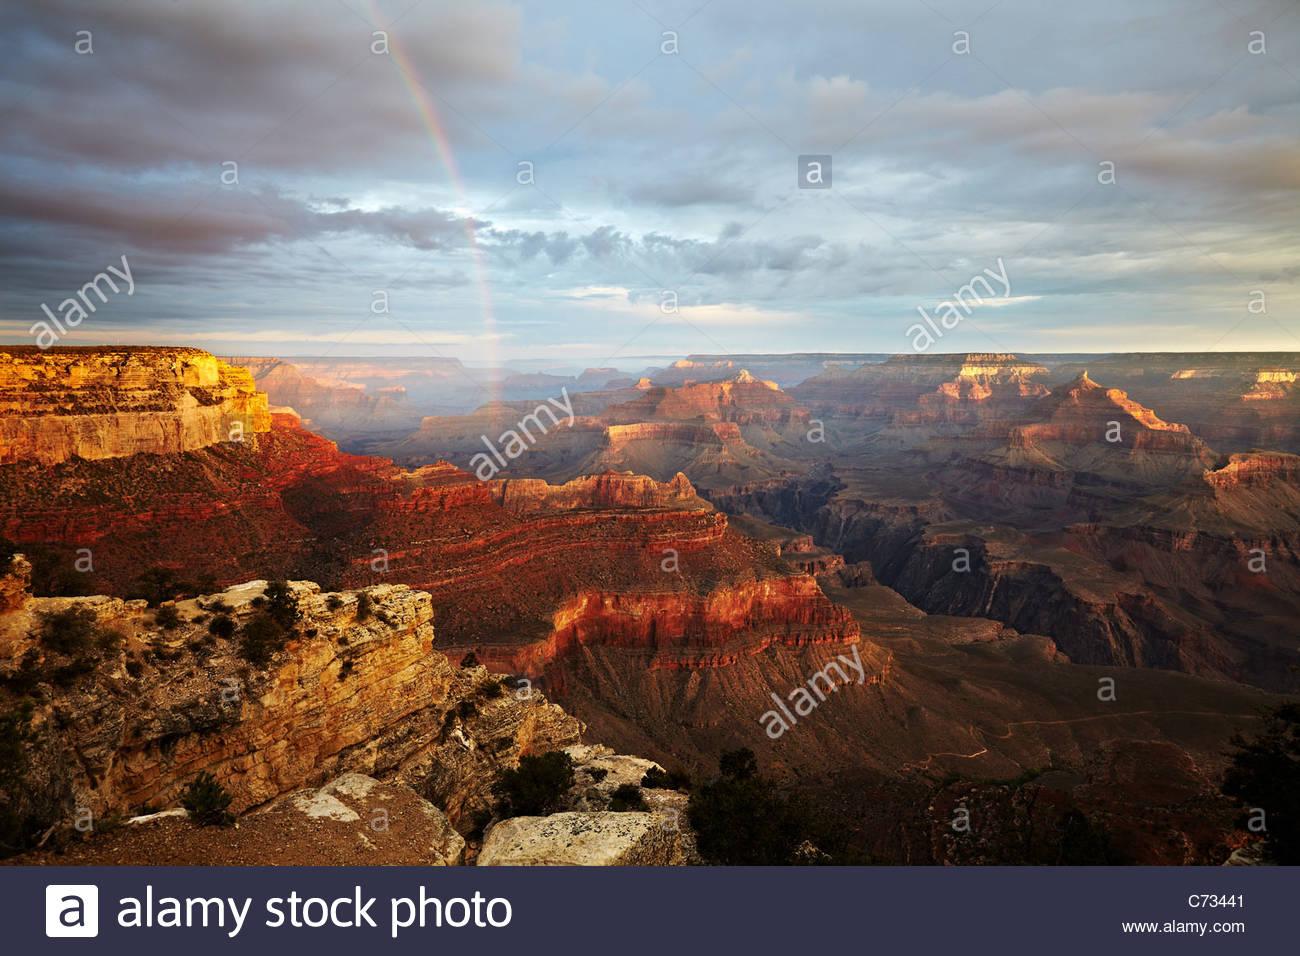 Il sorgere del sole e la luce del mattino e rainbow attraverso il Grand Canyon, Arizona, Stati Uniti d'America Foto Stock